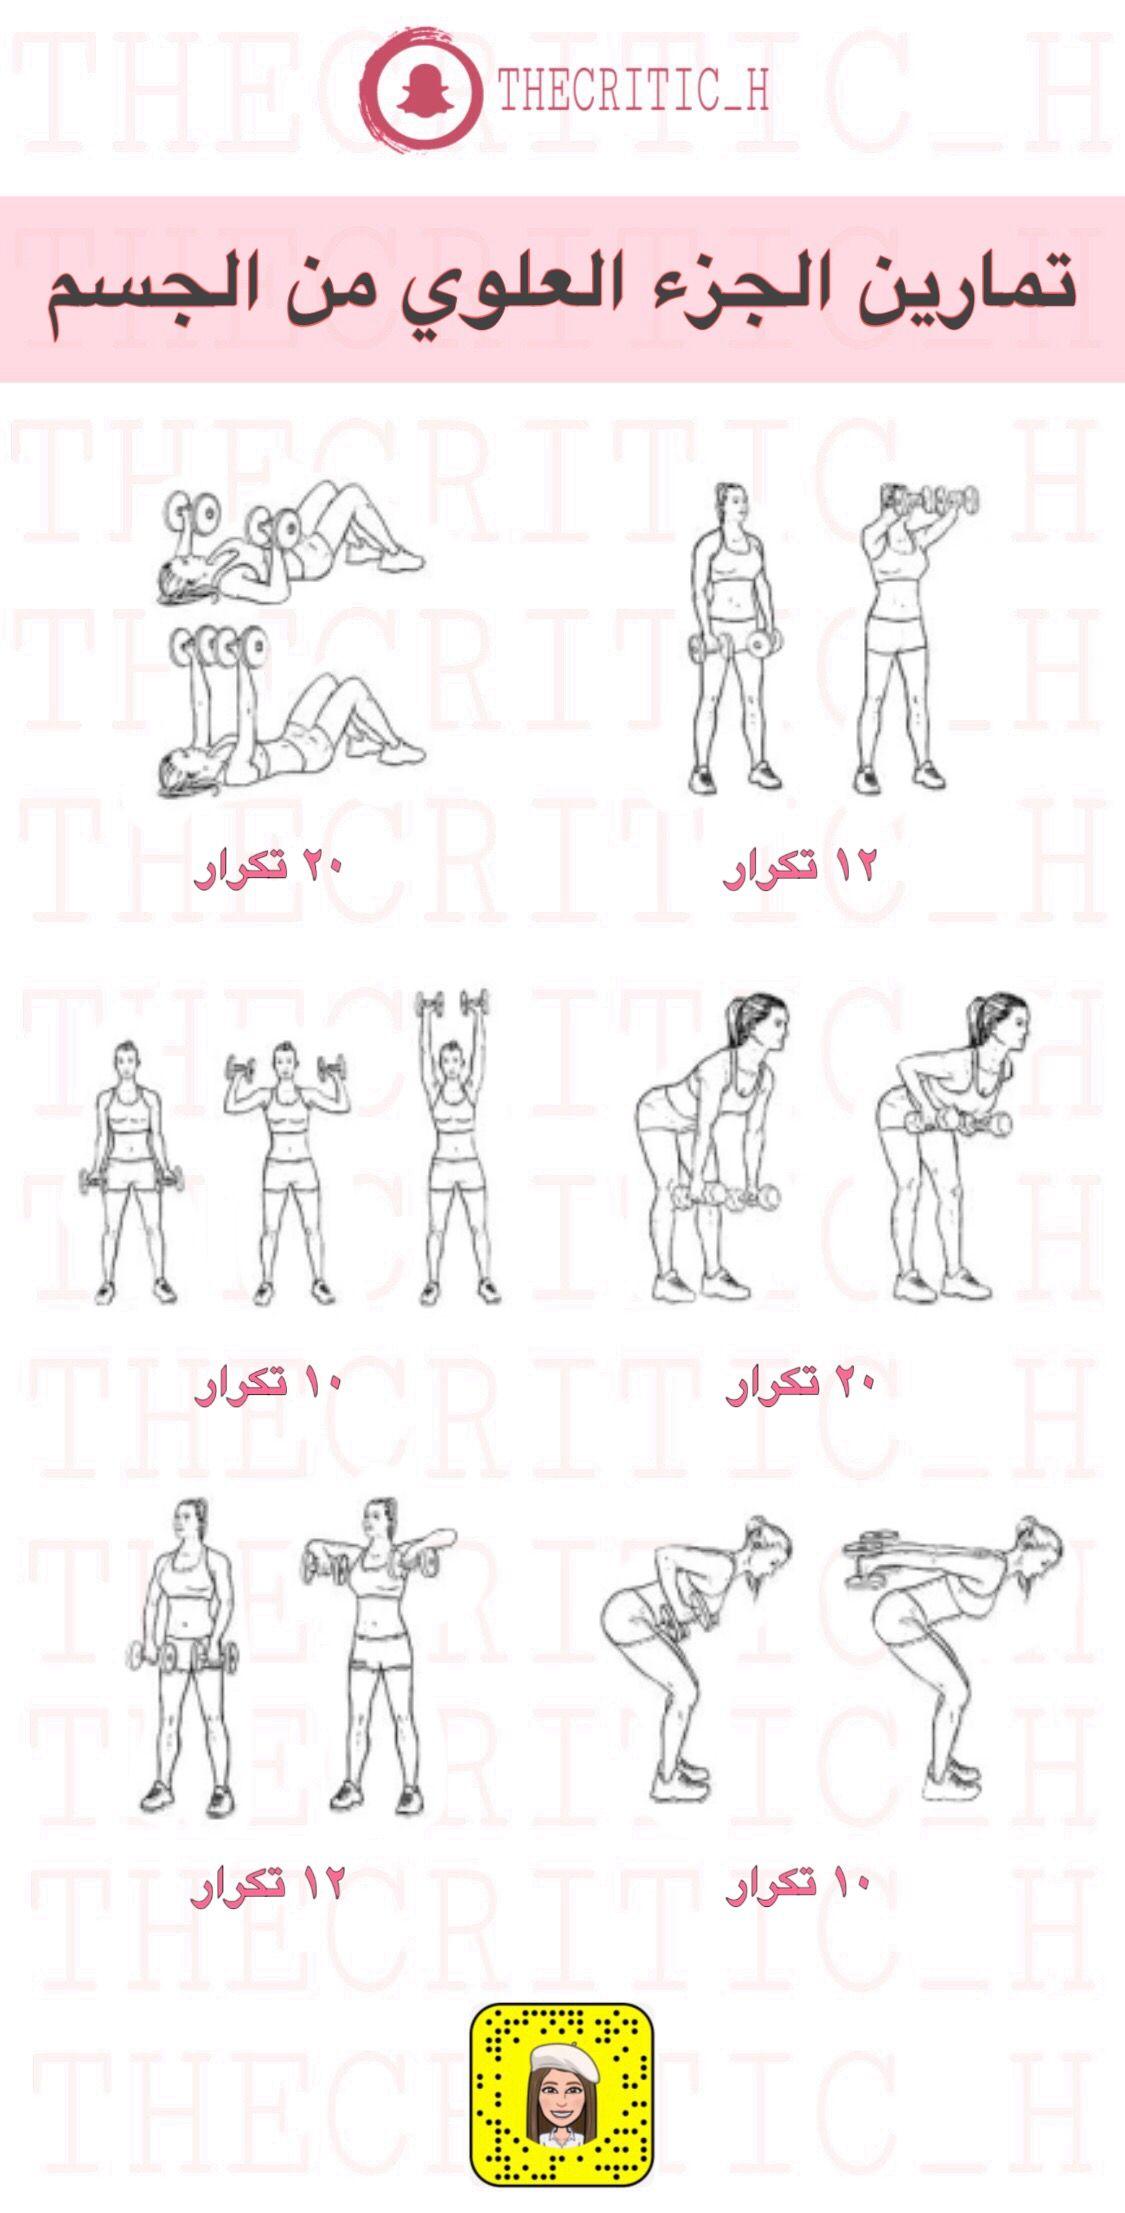 تمارين الجزء العلوي من الجسم Fitness Workout For Women Exercise Workout